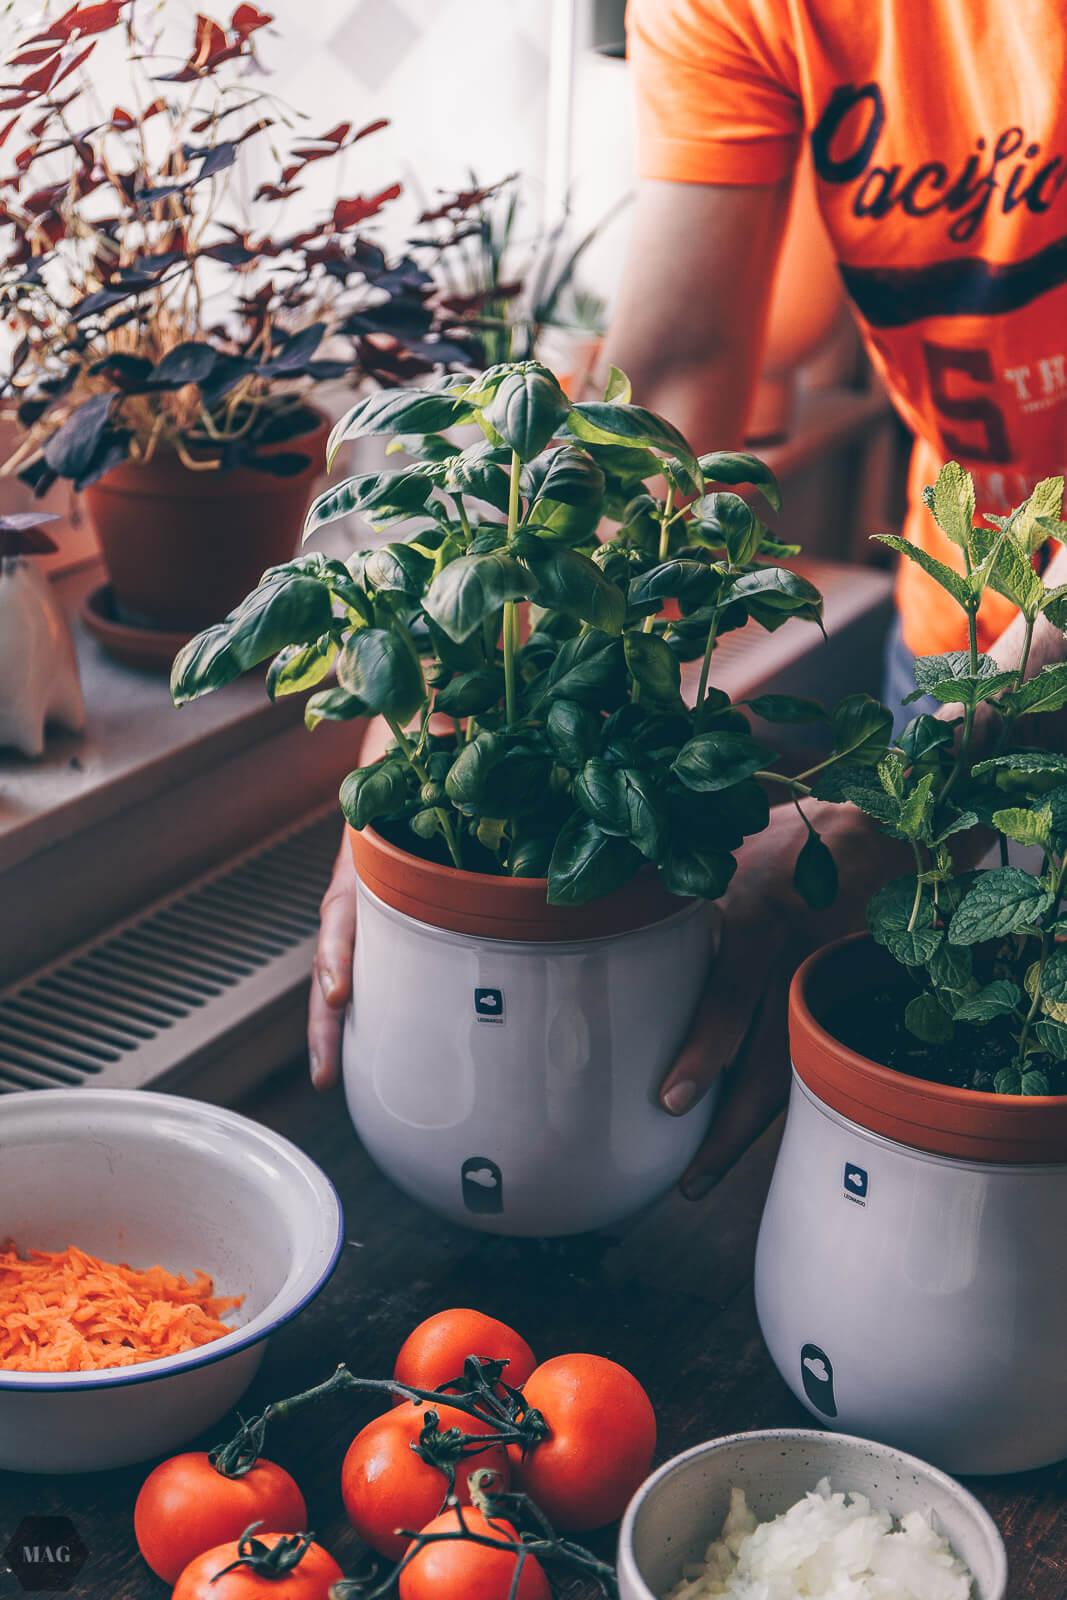 einfachste Tomatensuppe der Welt, Tomatensuppe, Tomatensuppe vegan, Tomatensuppe vegan Rezept, Tomatensuppe einfach Rezept, Tomatensuppe selbst gemacht, Tomatensuppe italienisch, Tomatensuppe gesund Rezept, Tomatensuppe vegetarisch Rezept, Tomatensuppe basilikum